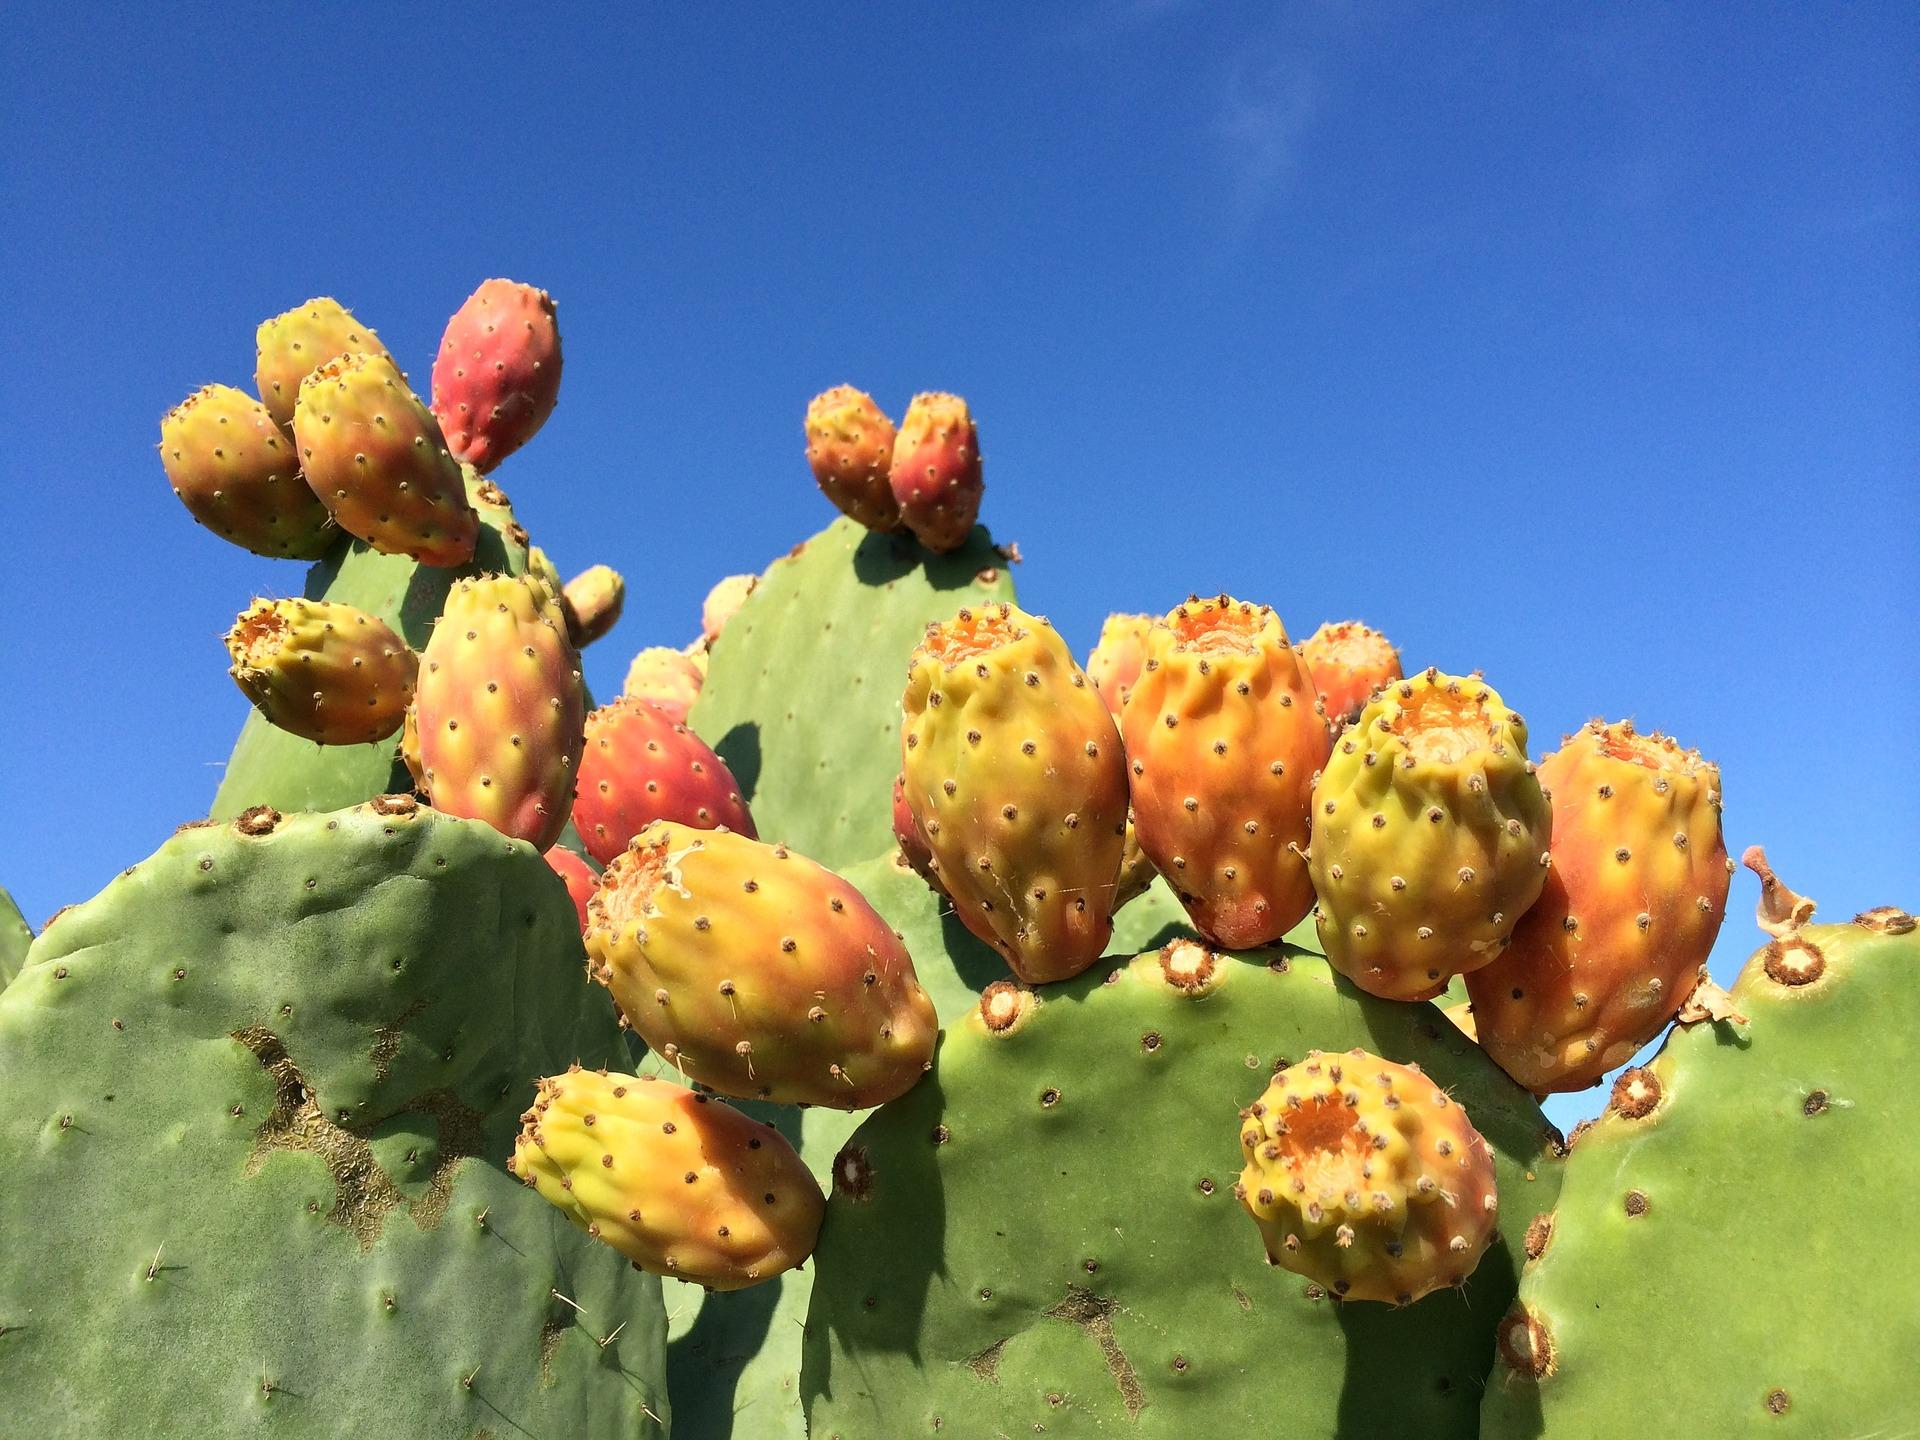 Fall Cactus Image